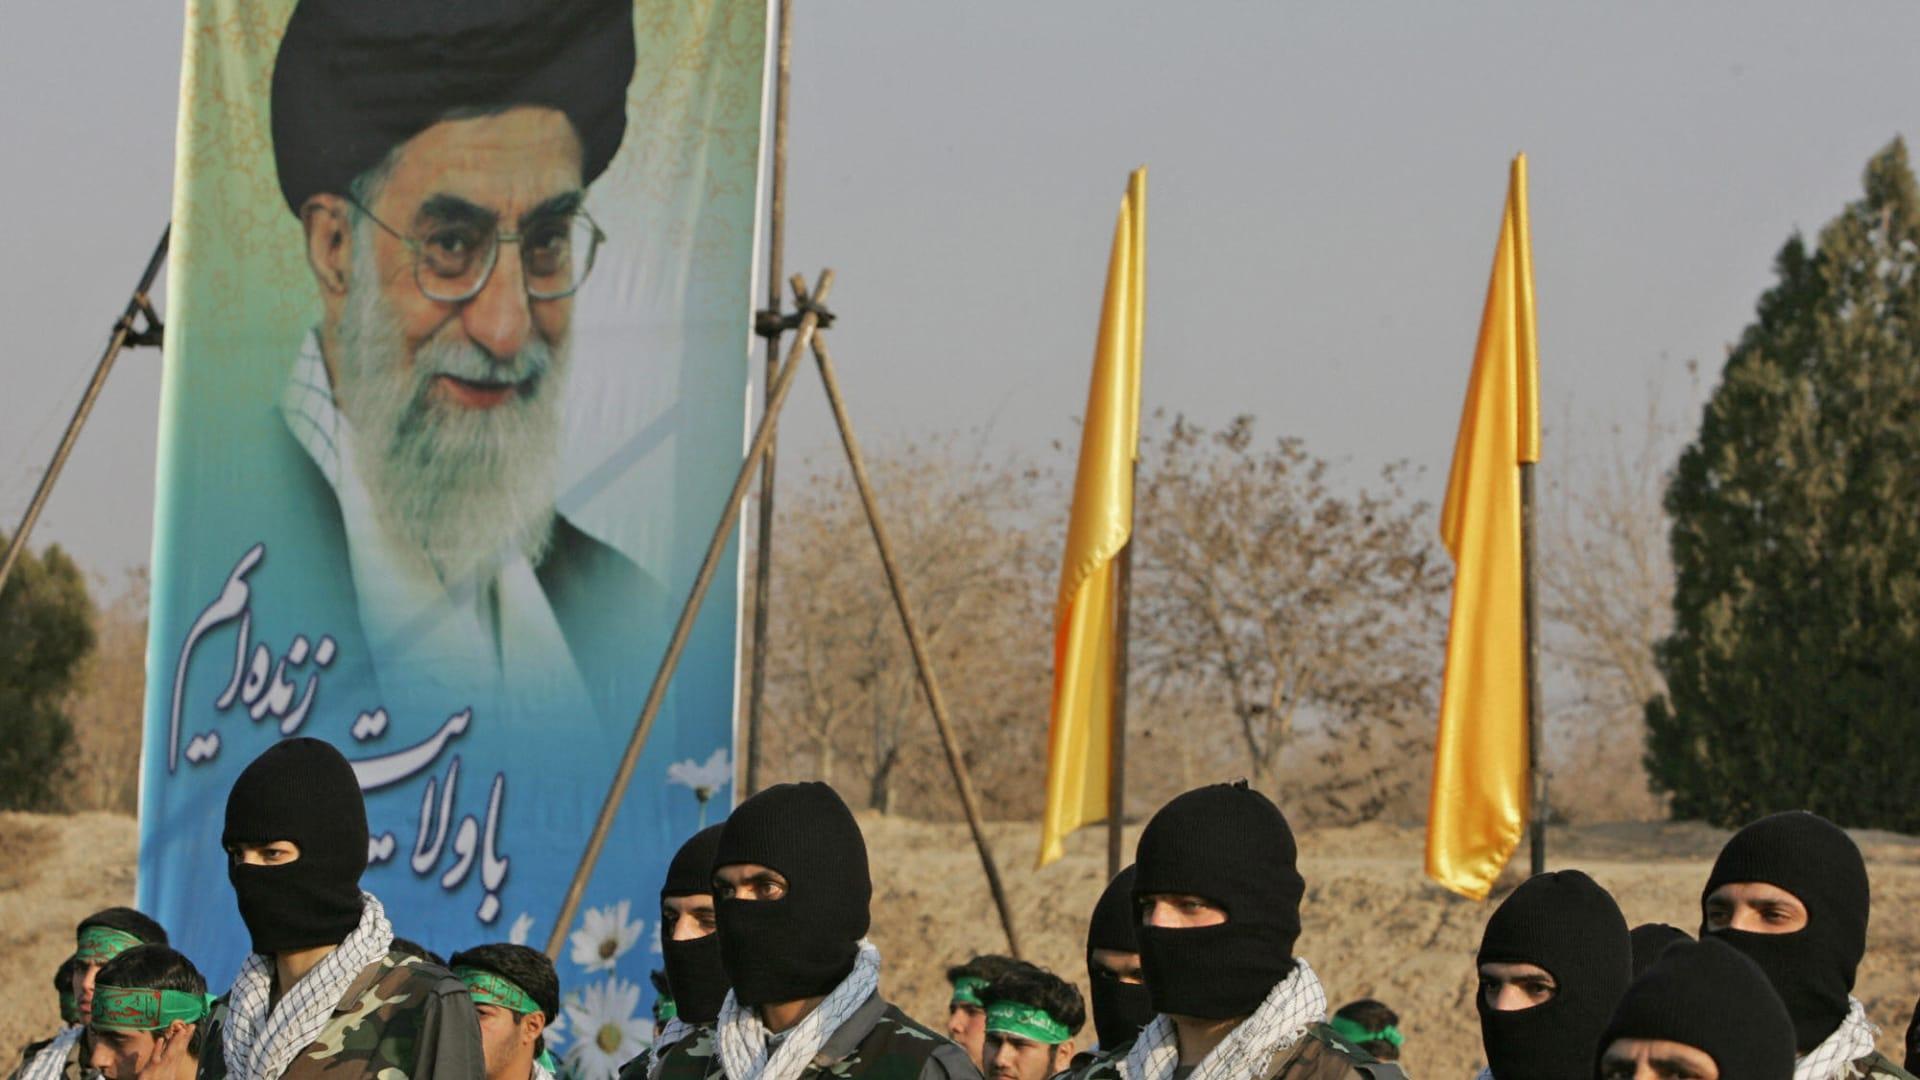 """بروجردي لـ:CNN: منشآت إيران العسكرية """"خط أحمر"""" ولا بد من رفع العقوبات فوراً"""